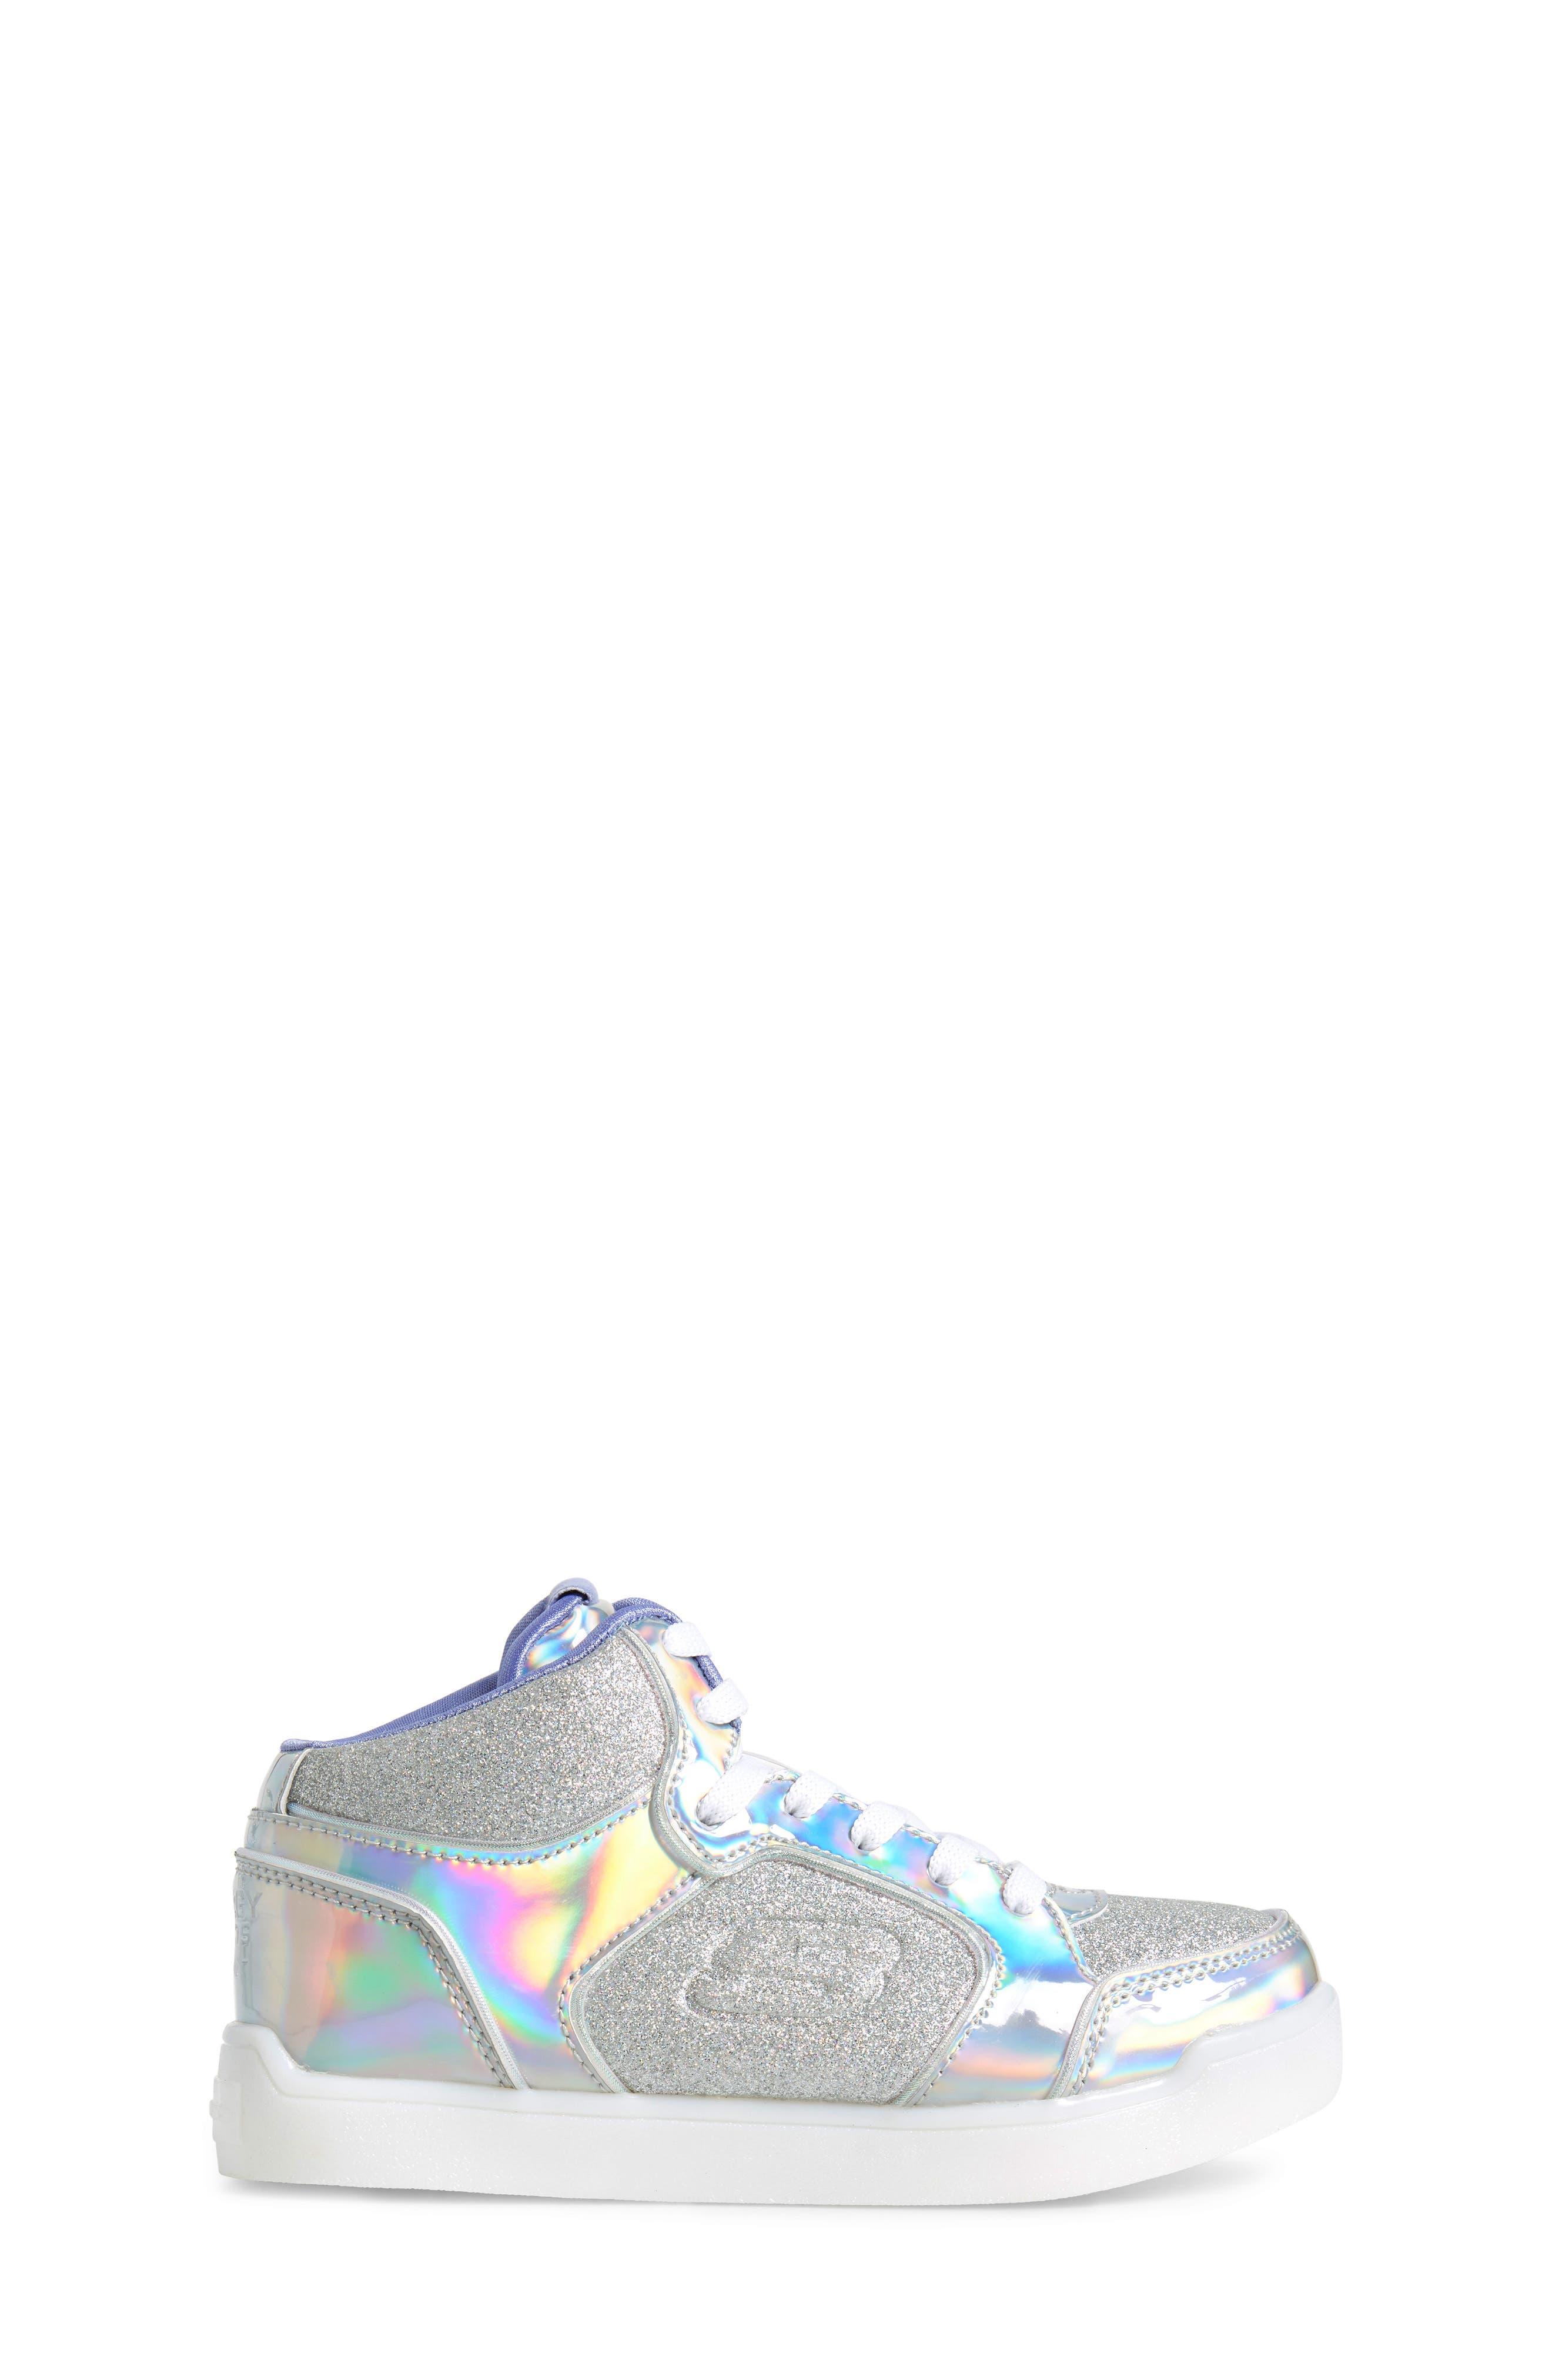 SKECHERS,                             Energy Lights Pro Ultra Light-Up Sneaker,                             Alternate thumbnail 3, color,                             SILVER